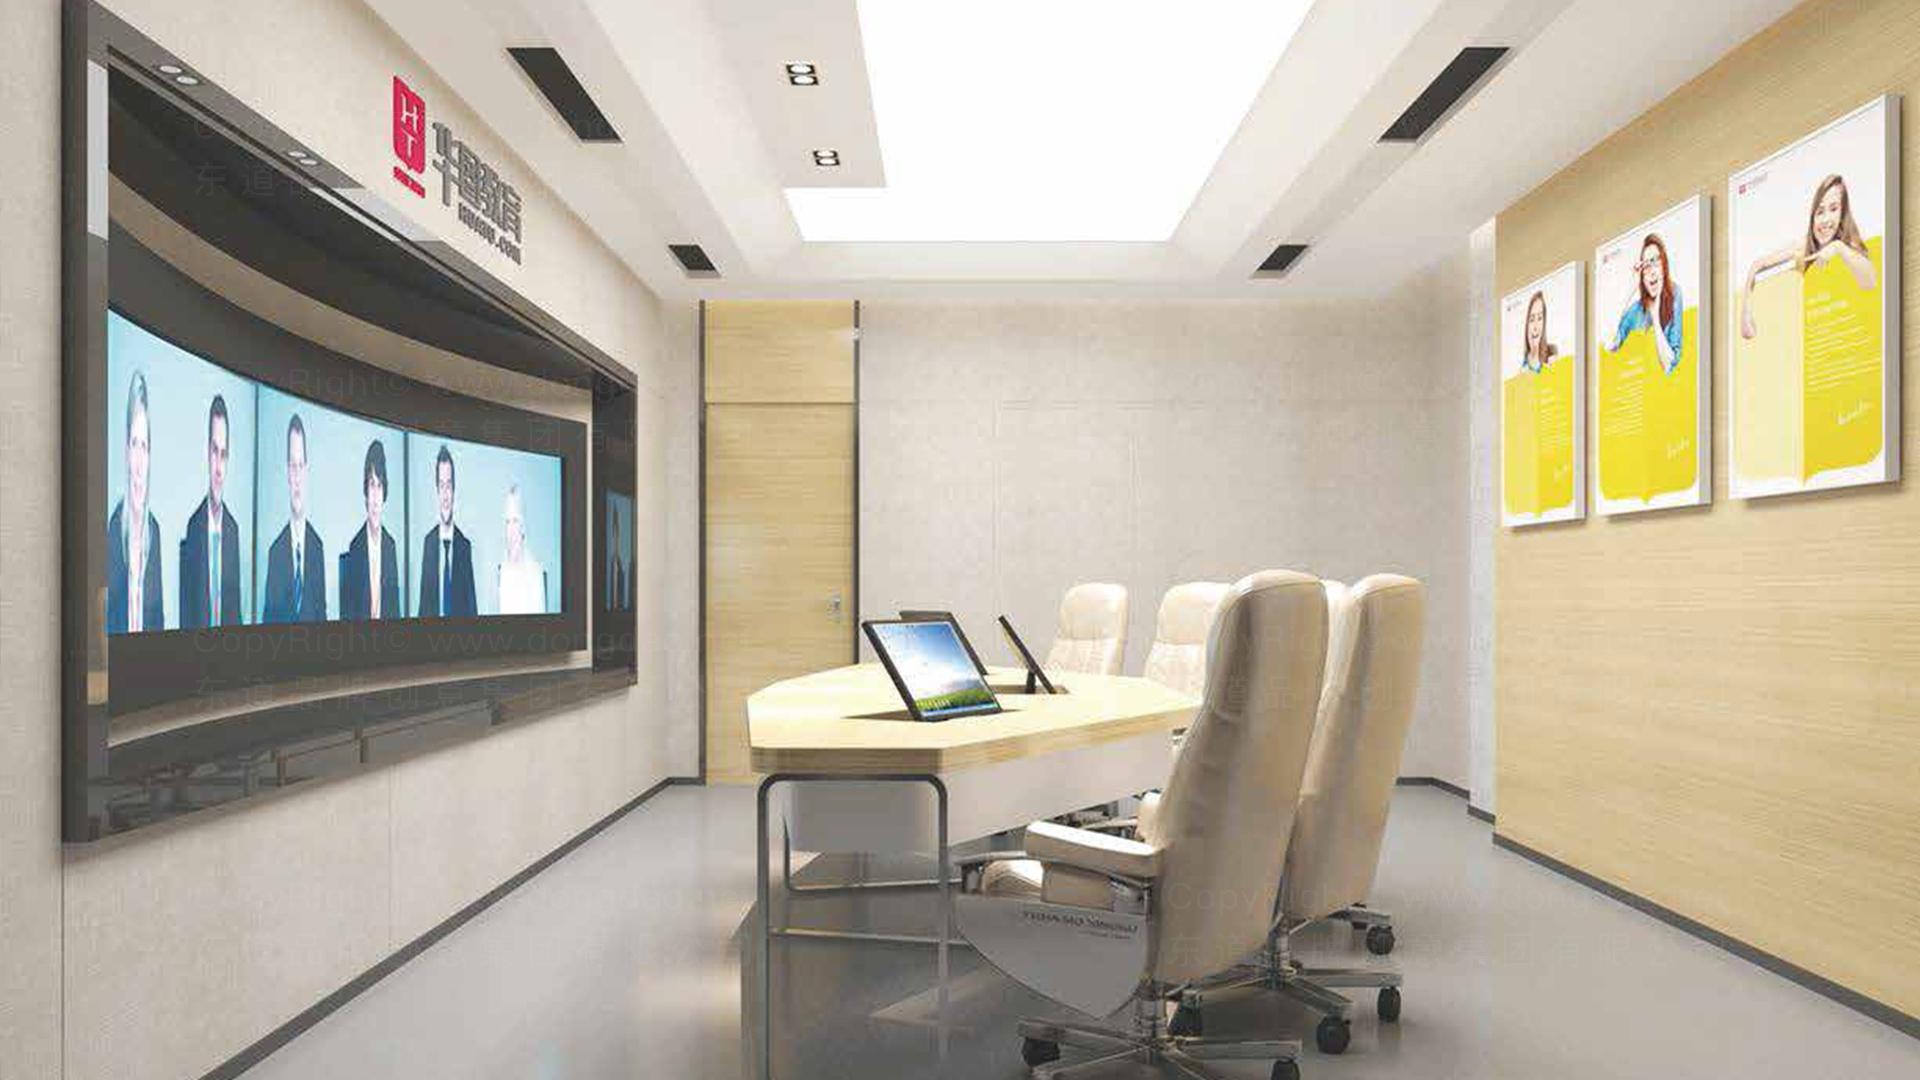 商业空间&导示华图教育终端SI设计应用场景